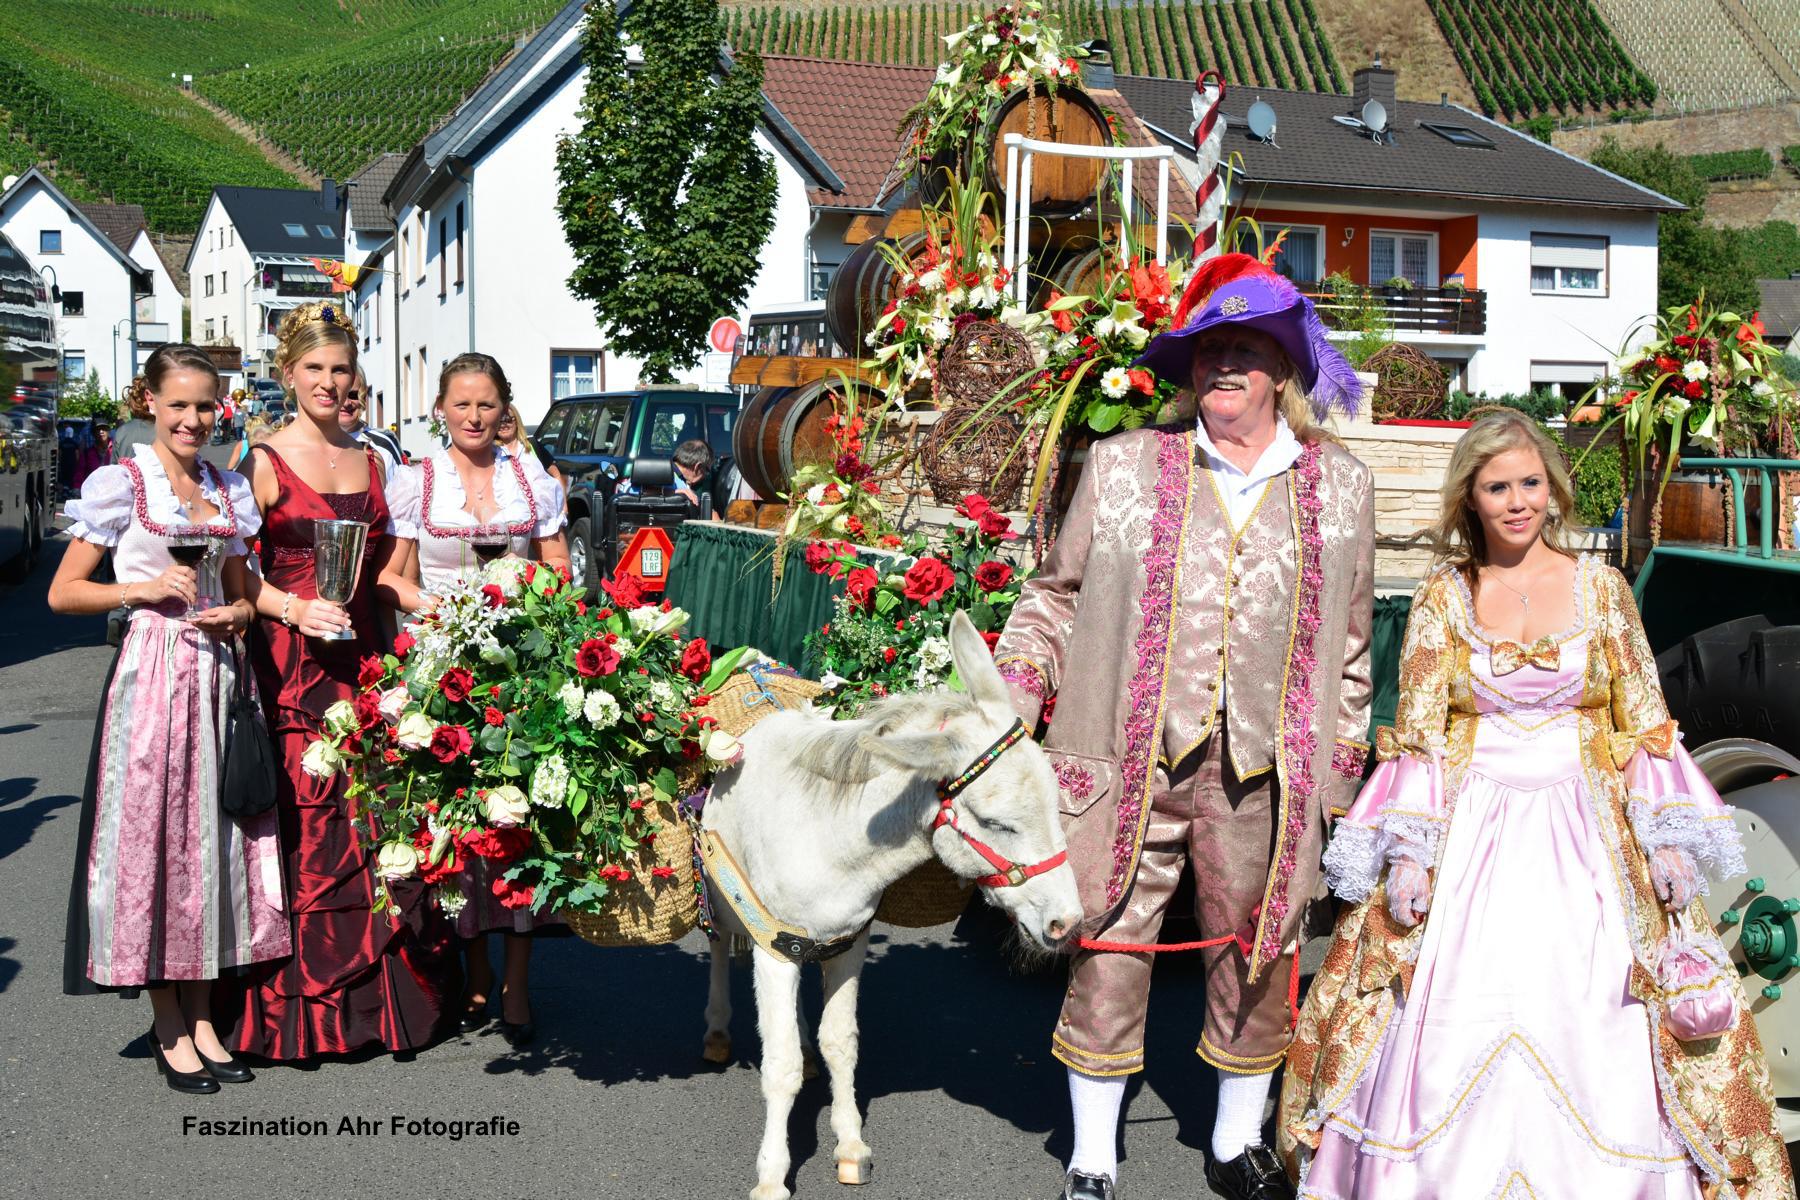 Die Majestäten mit dem Wappentier der Gemeinde Dernau.